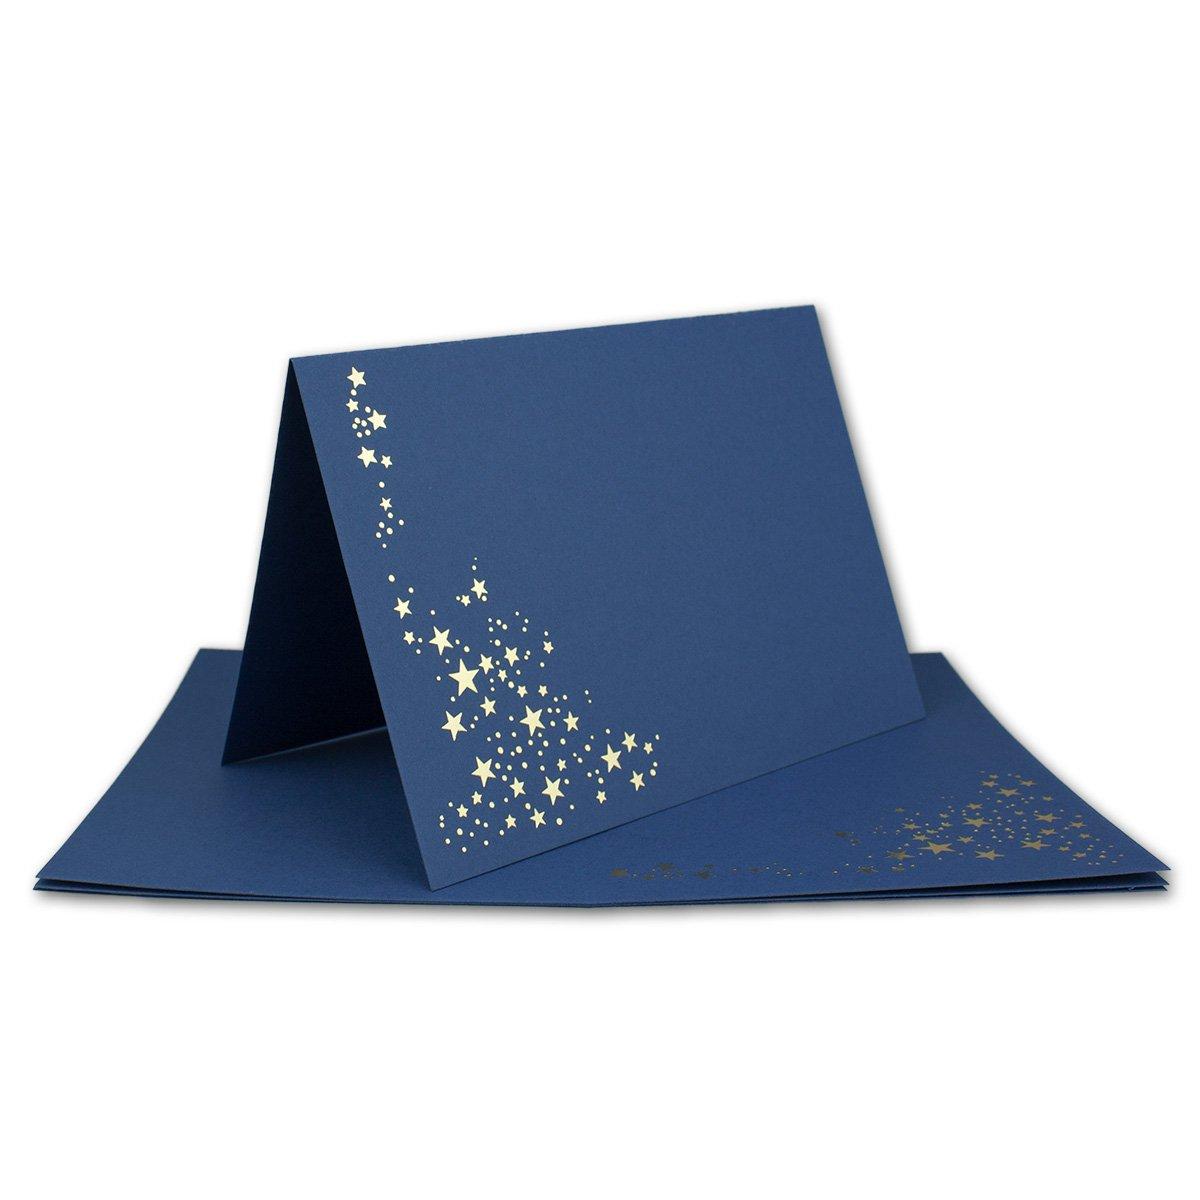 Faltkarten-Set mit Umschlägen DIN DIN DIN A6   Naturweiß mit Goldenen Metallic Sternen   200 Sets   für Drucker geeignet  Ideal für Weihnachtskarten - Qualitätsmarke  NEUSER FarbenFroh B07JNGNZQF | Verschiedene Arten und Stile  35a535